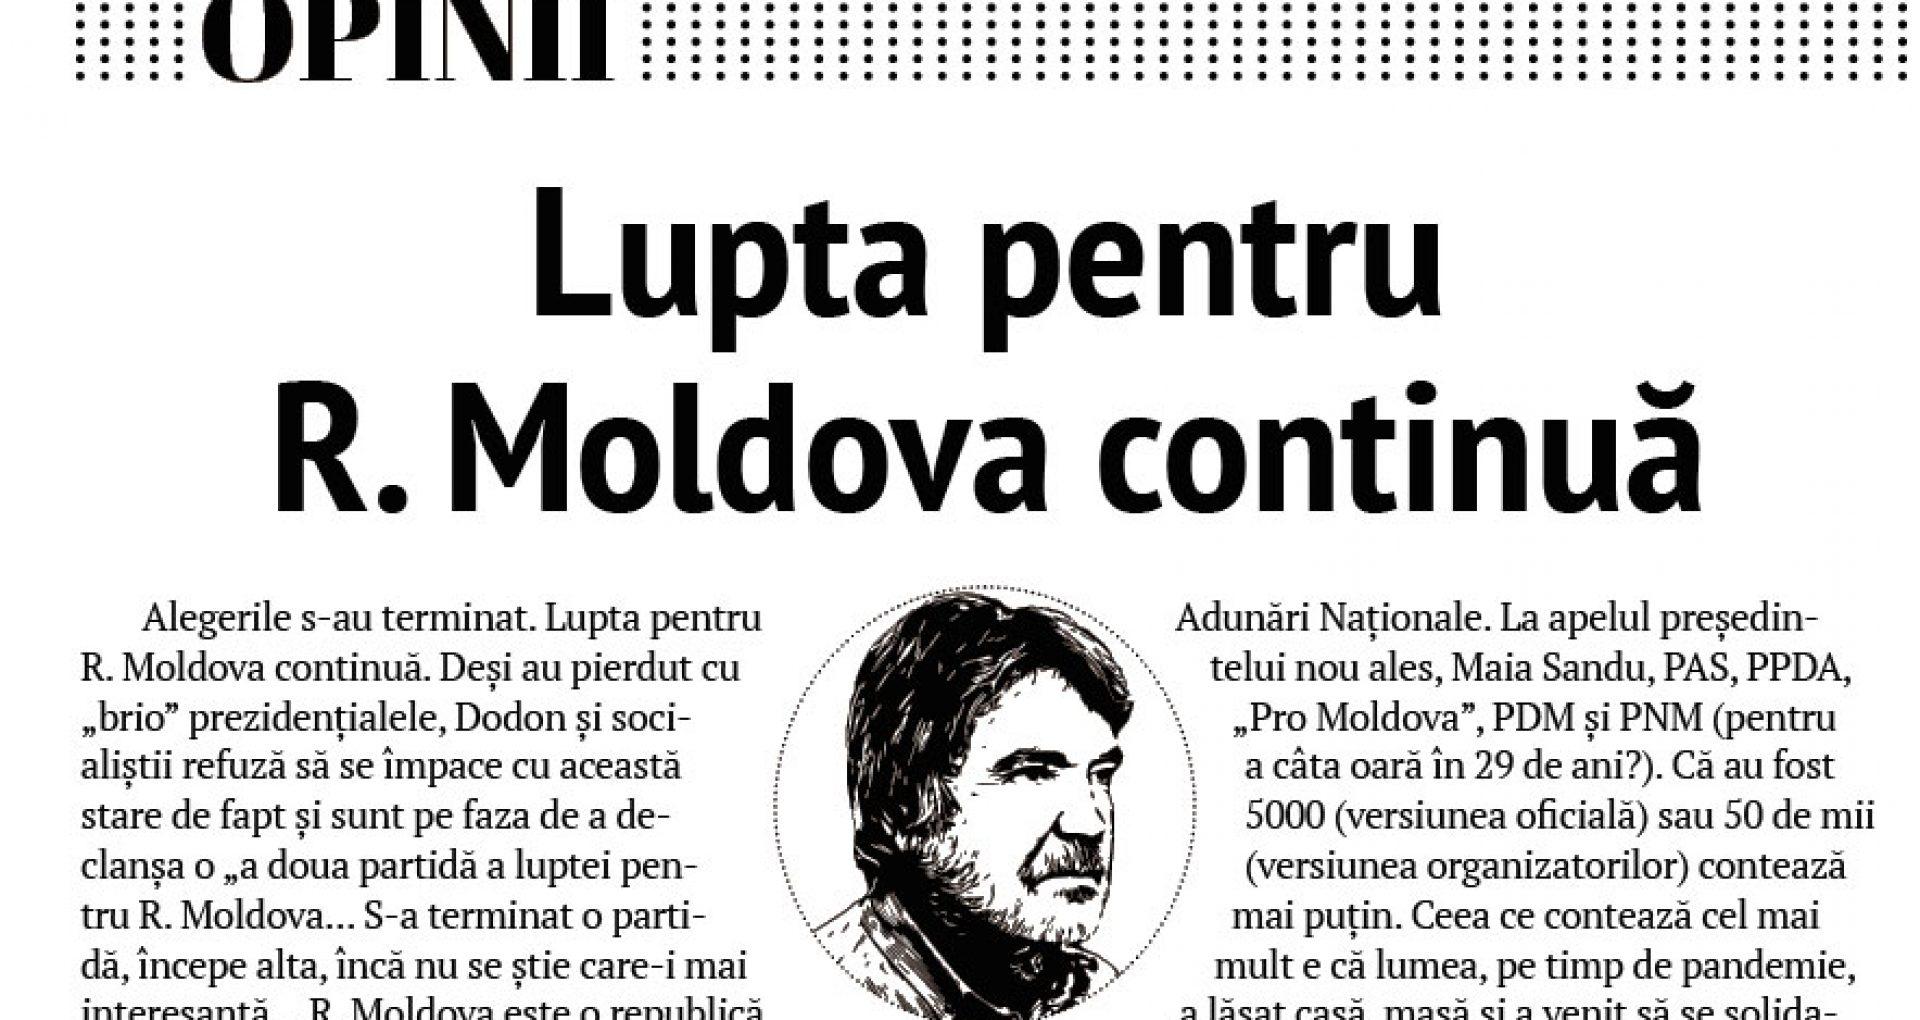 Lupta pentru R. Moldova continuă